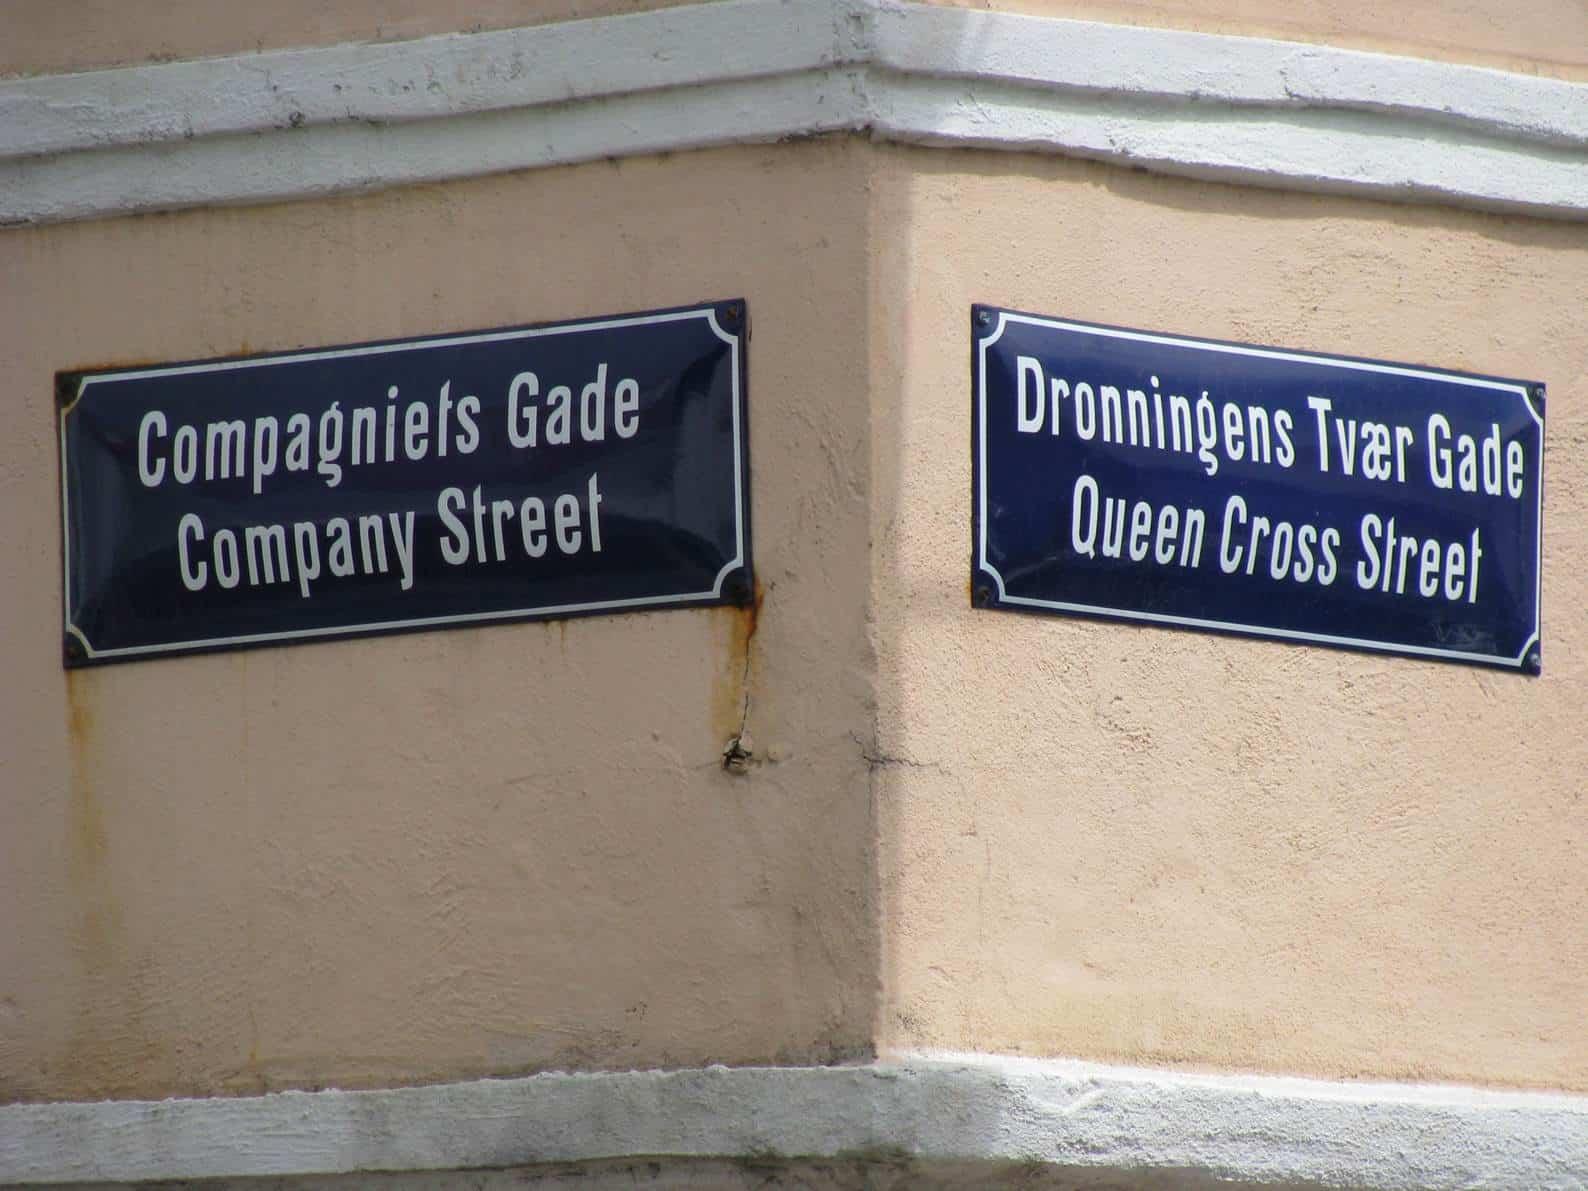 Dronningens Tvær Gade på de Vestindske Øer - Risskov Rejser